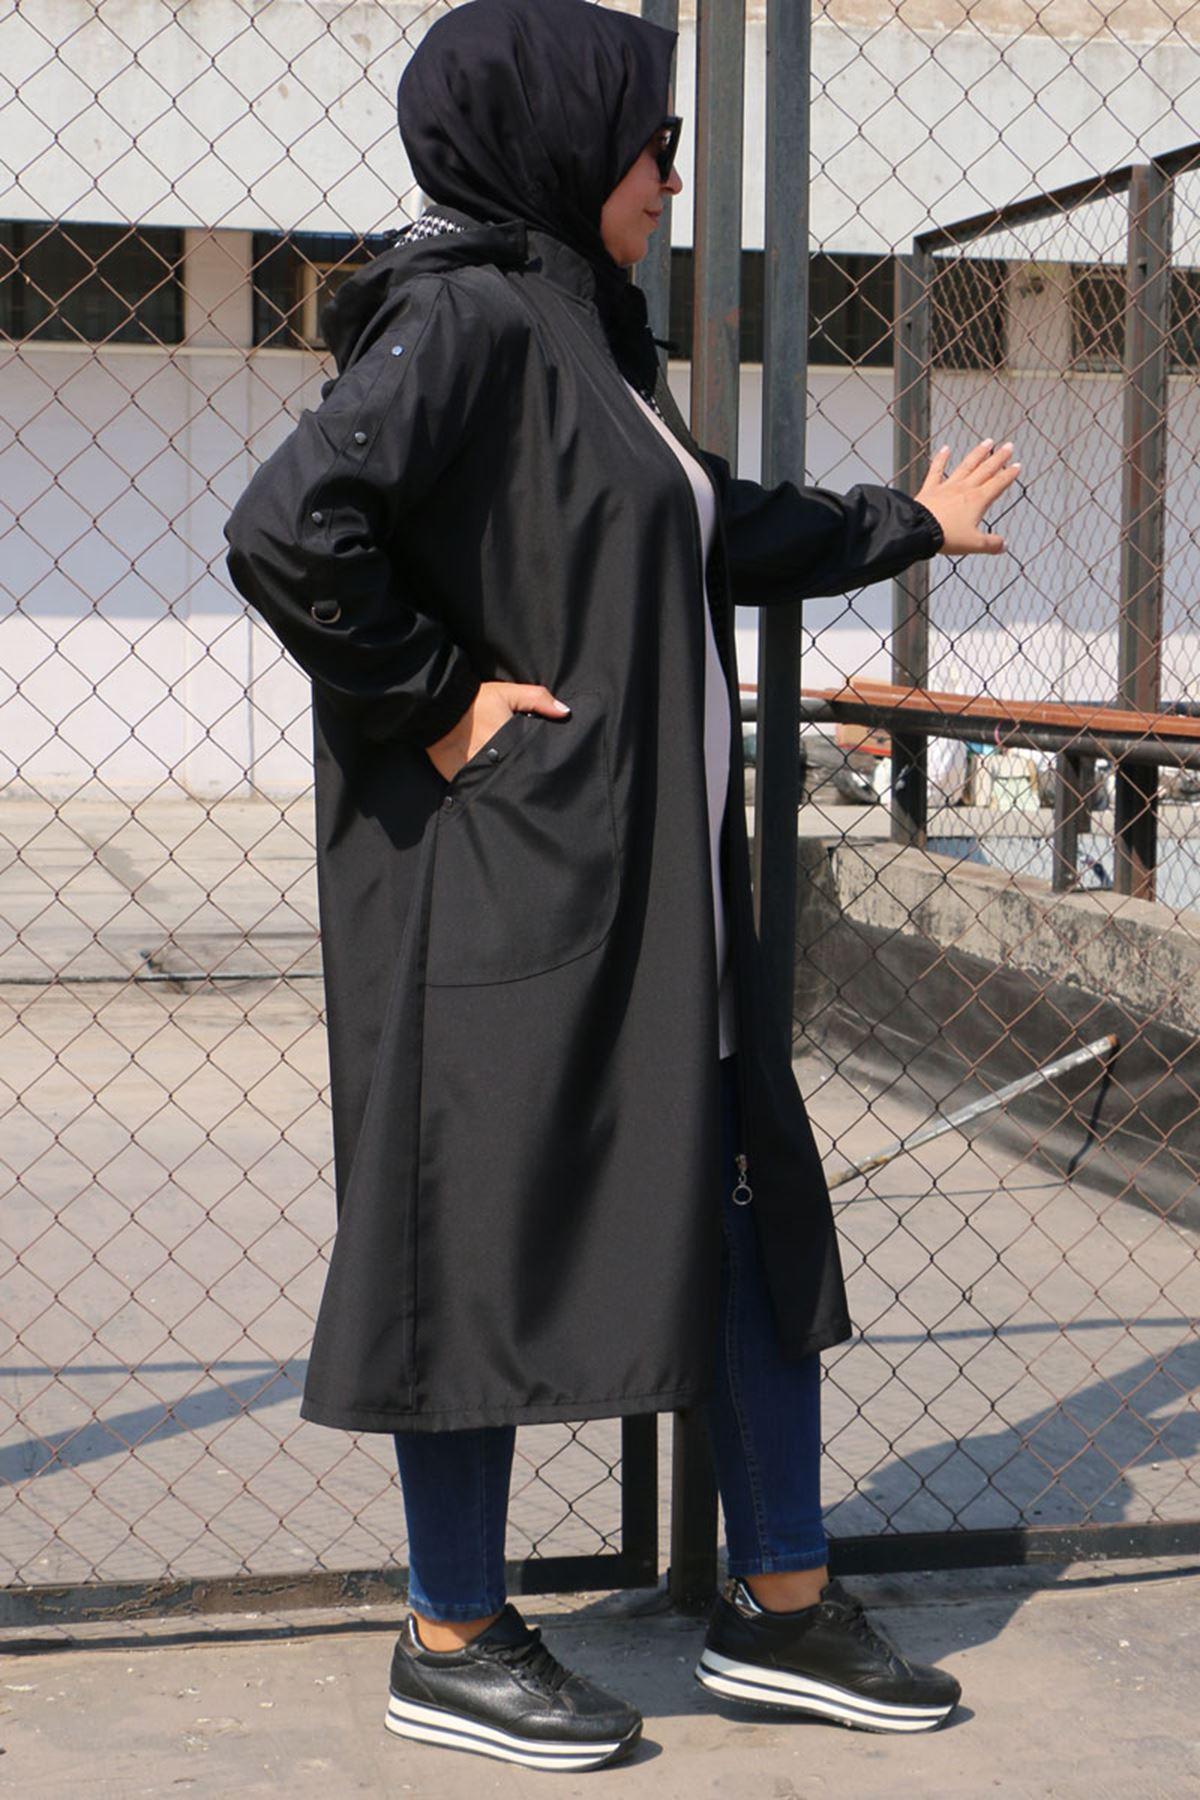 923 Büyük Beden Fermuarlı Bondit Trençkot - Siyah